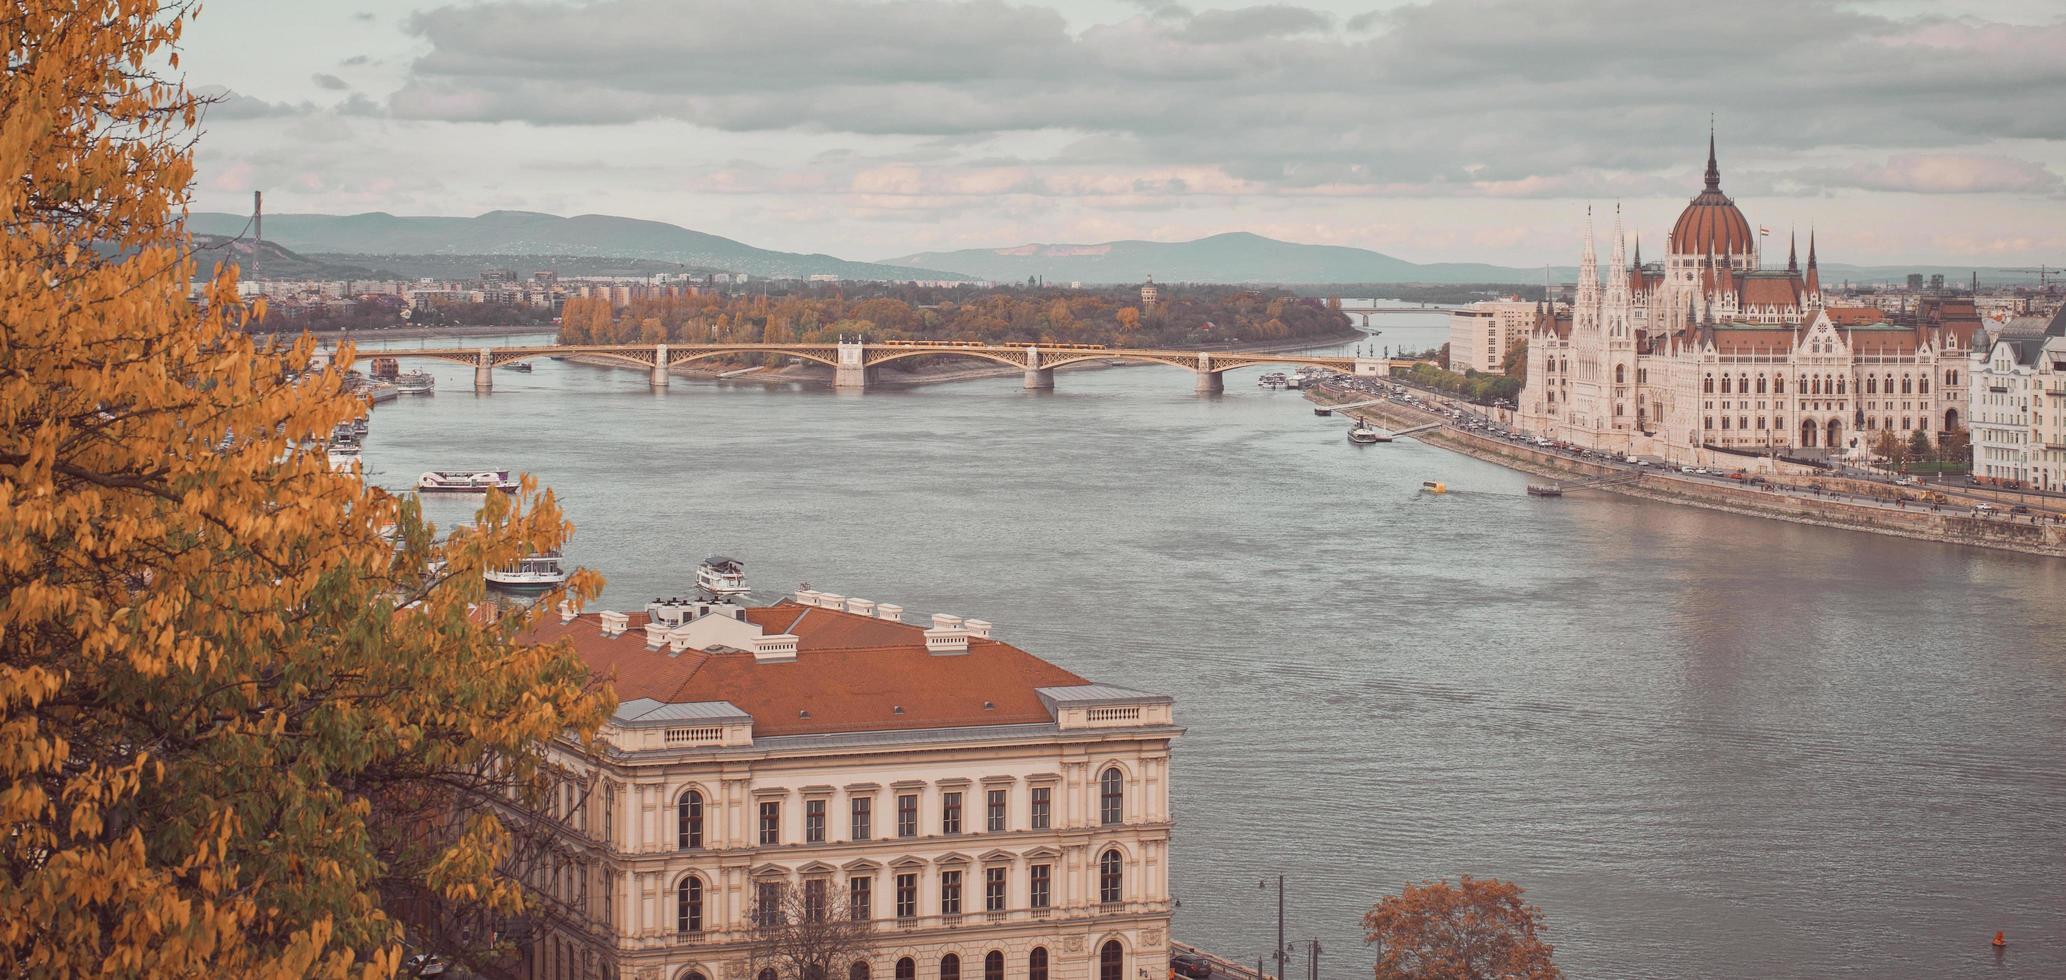 cuerpo de agua, puentes y edificios foto